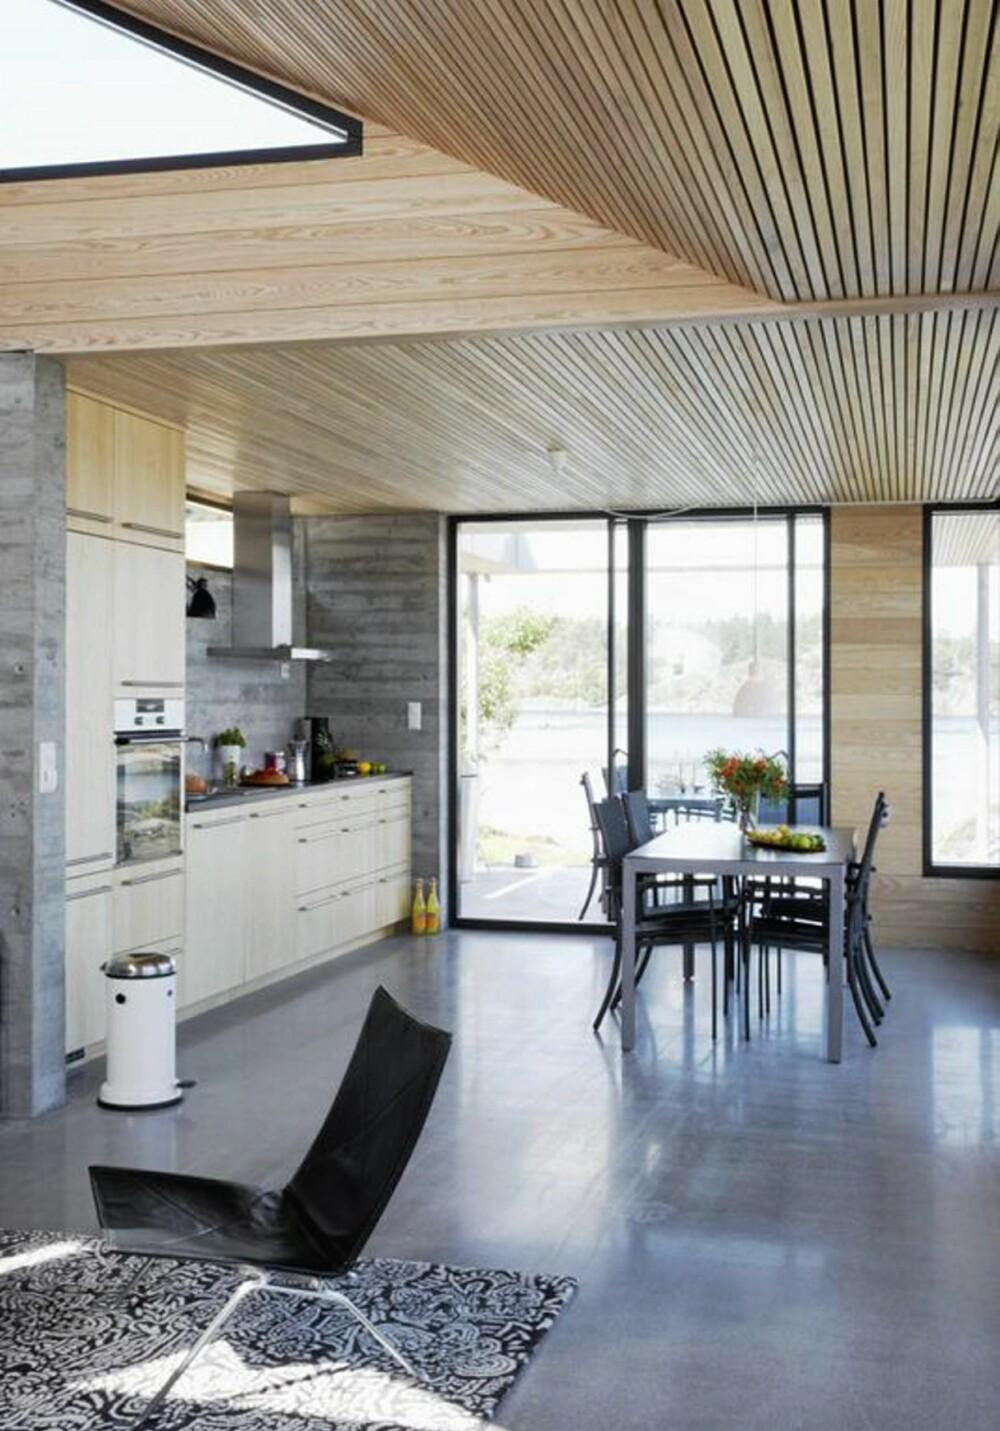 FULL FORBINDELSE: Stuen og kjøkkenet er arrangert som to frie soner med god kontakt mellom seg.